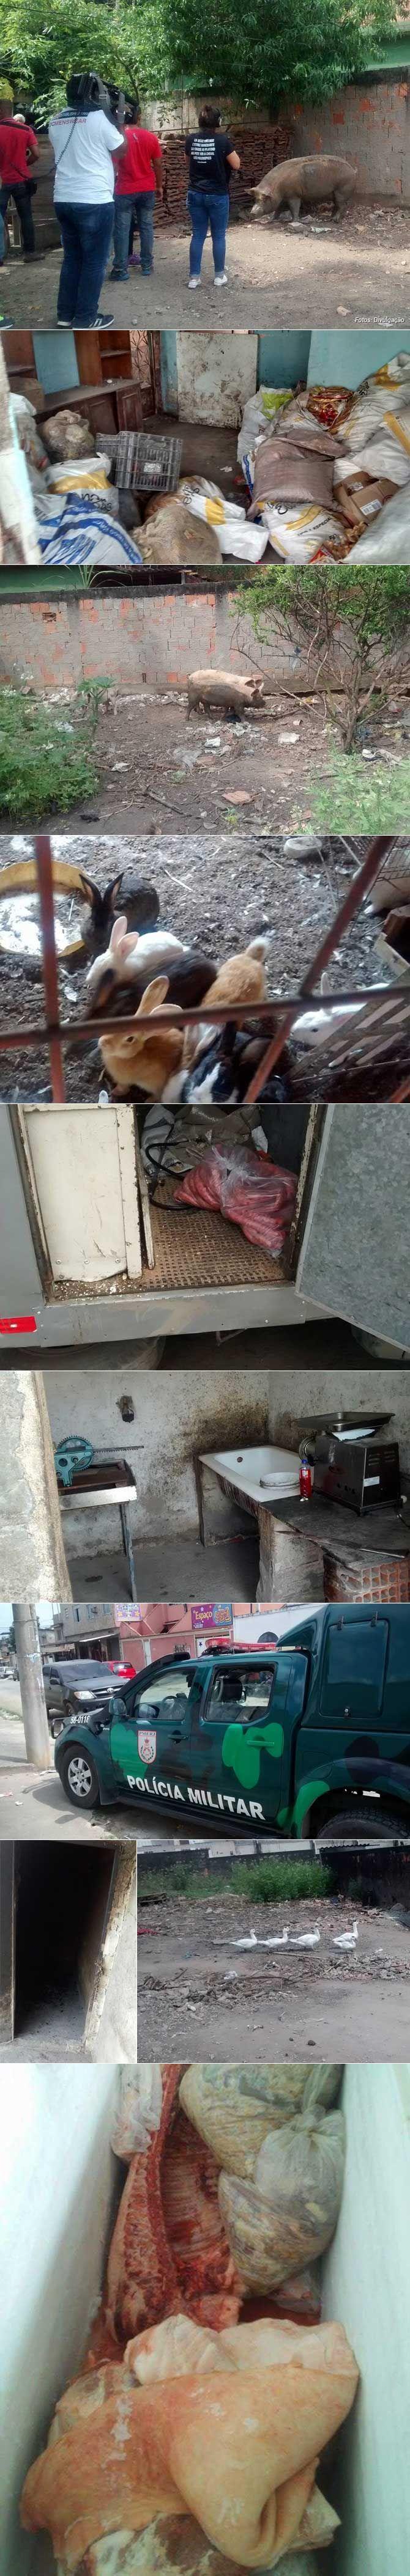 A Polícia Militar, por meio de seu departamento de meio ambiente, fechou na manhã desta quinta-feira (17) um matadouro clandestino em São João de Mereti, na baixada fluminense. O presidente da Comissão de Proteção e Defesa dos Animais (CPDA) da OAB-RJ, Reynaldo Velloso, acompanhou a ação. Após uma denúncia anônima, as autoridades chegaram ao local …